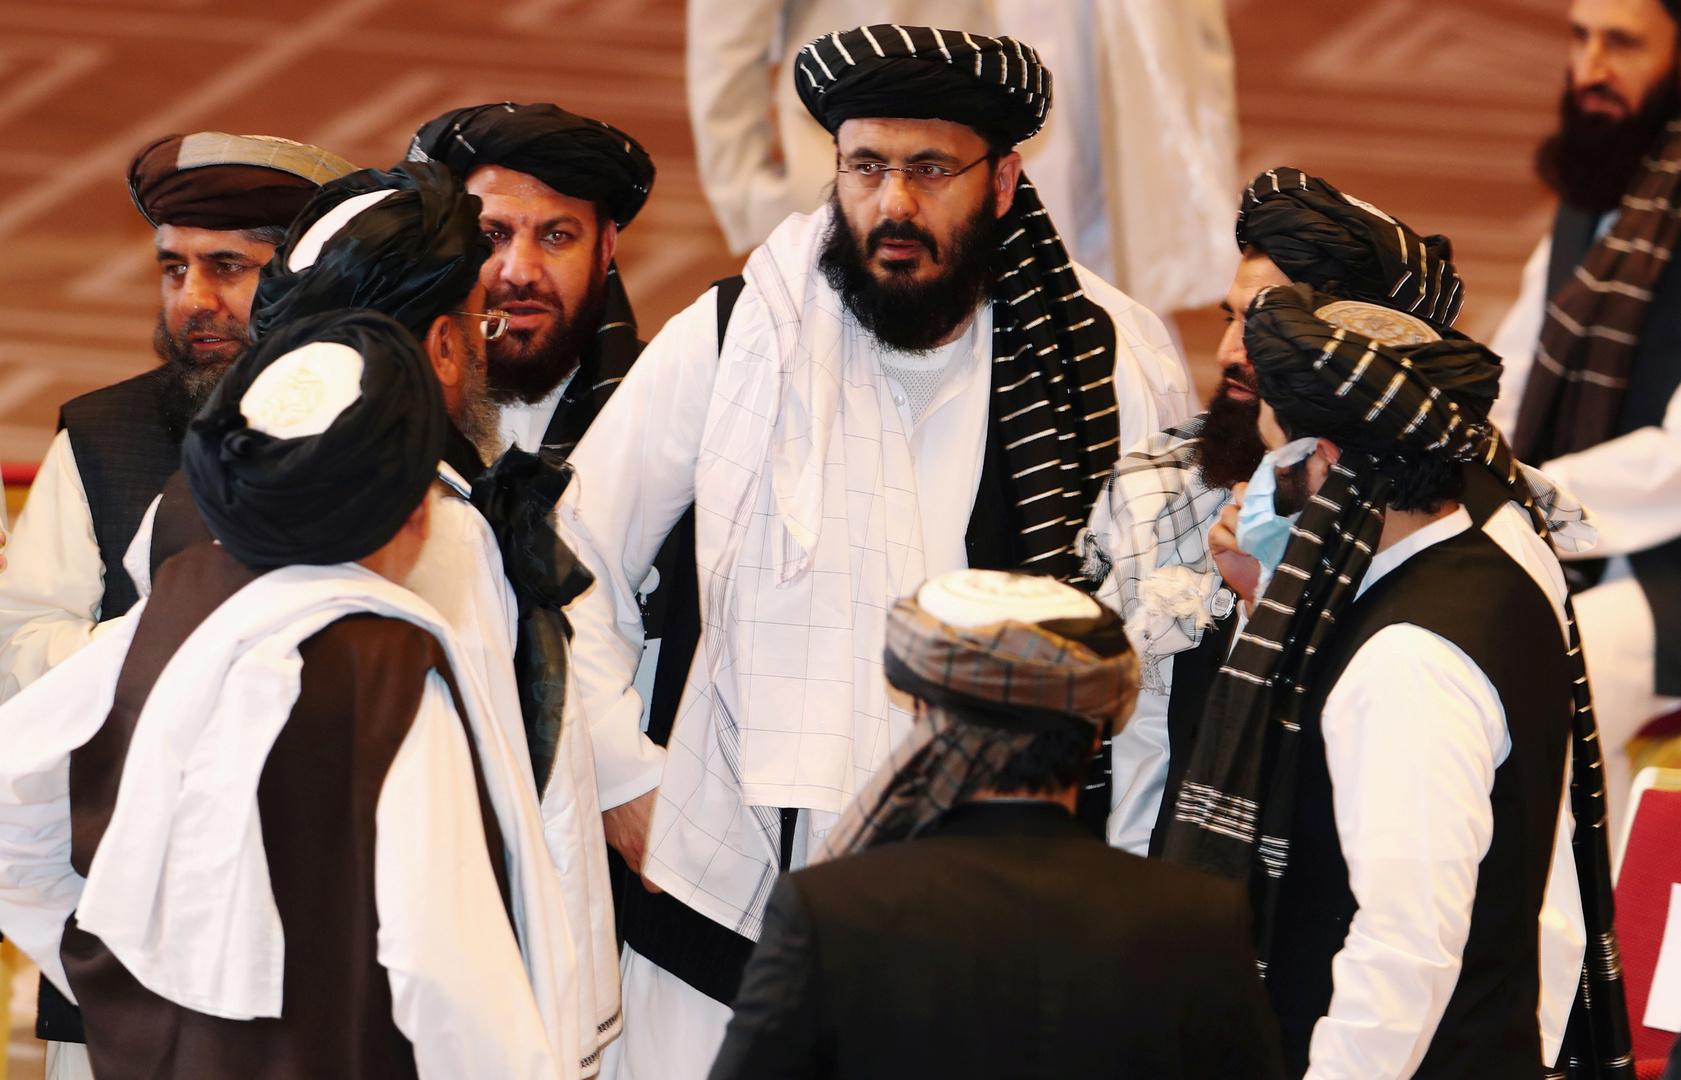 وزراء خارجية أفغانستان وباكستان وتركيا يبحثون آفاق عملية السلام الأفغانية